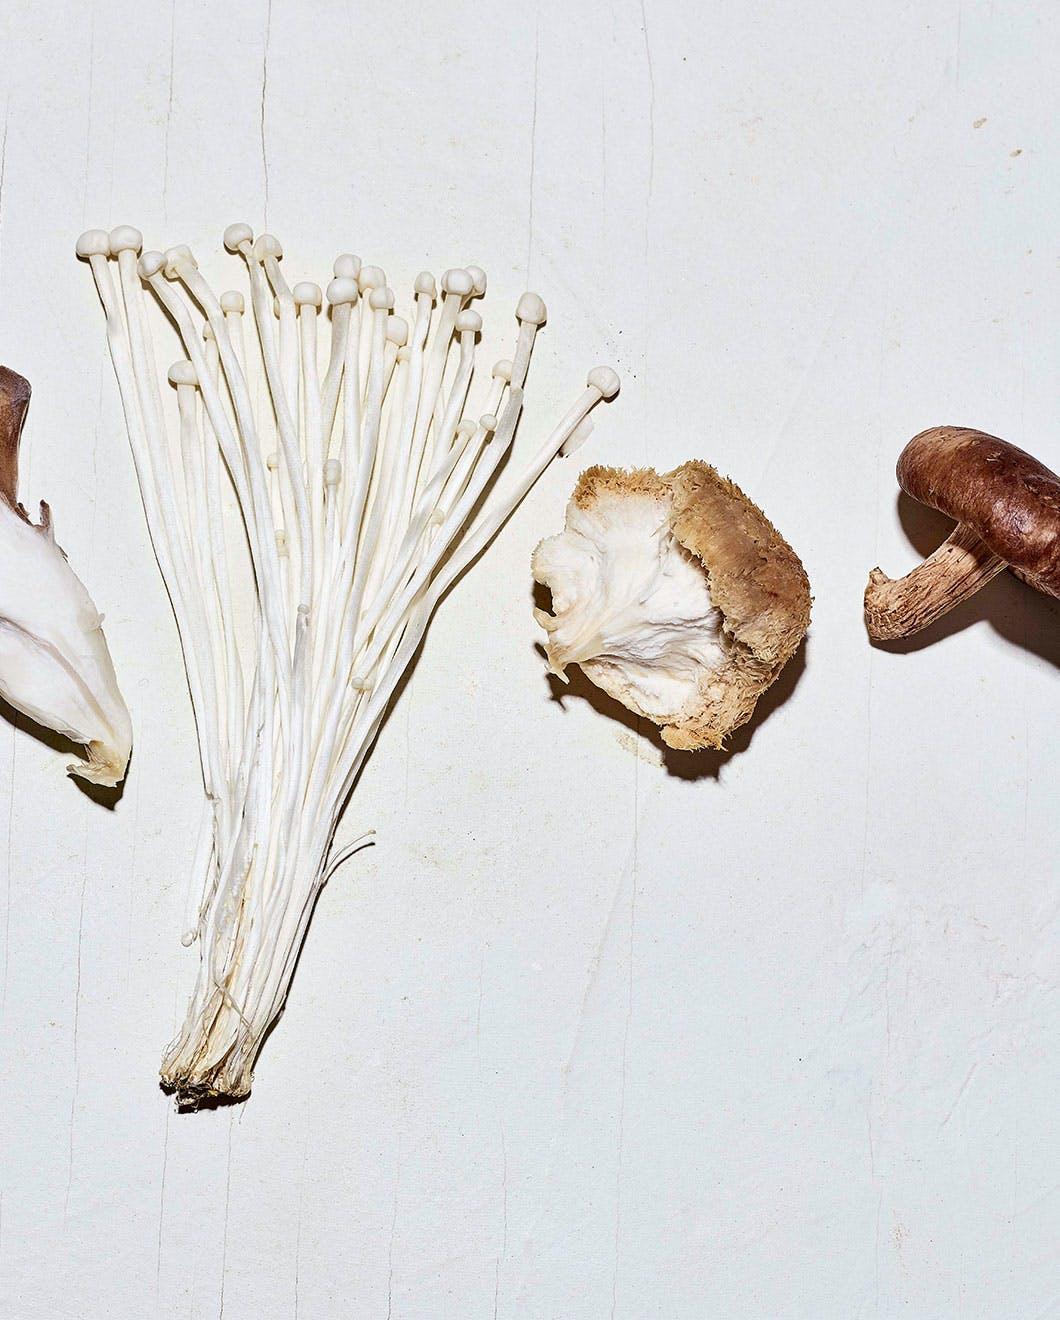 Mushroom ingredients